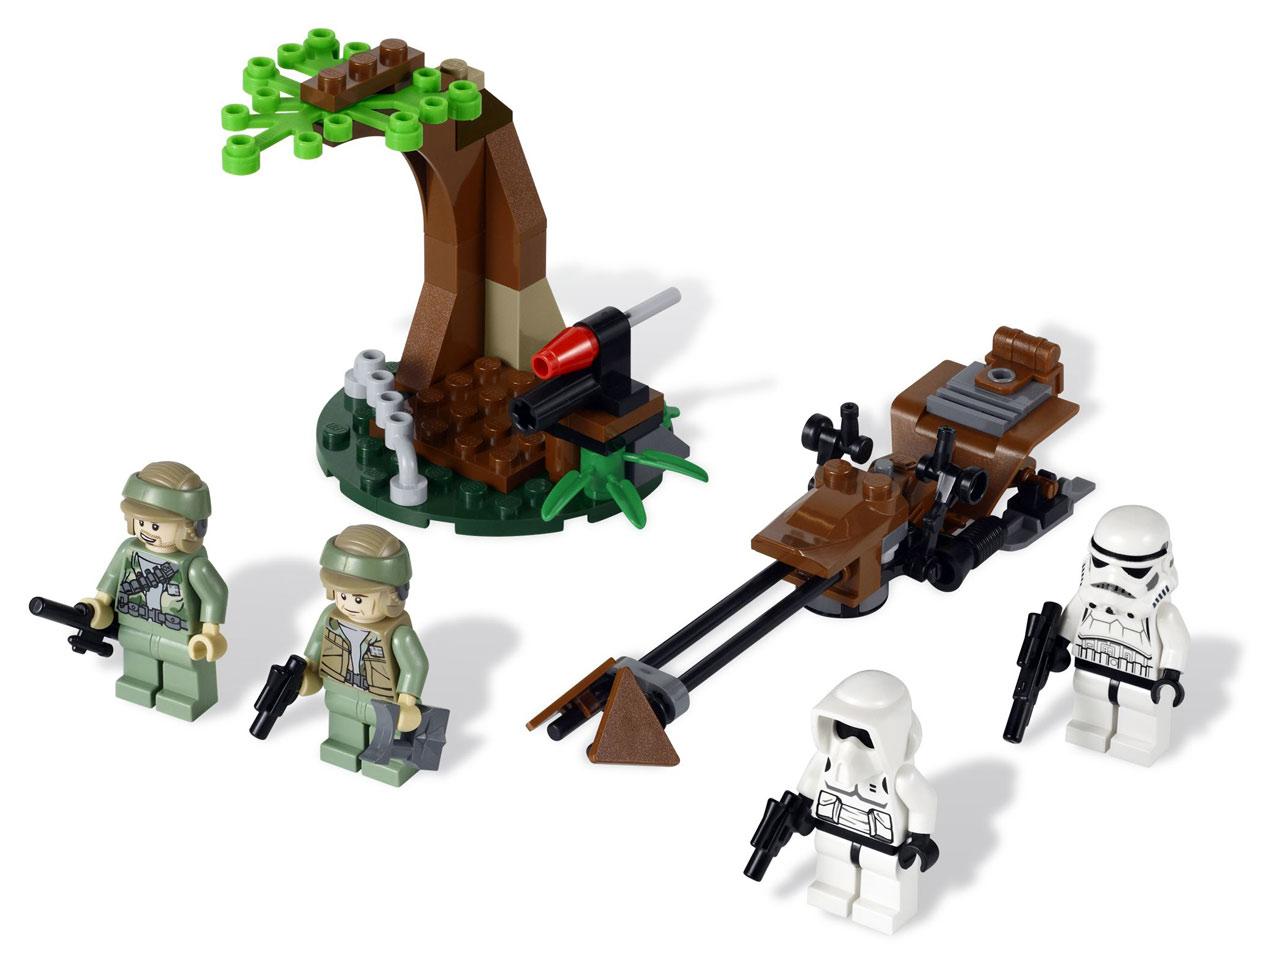 [REVIEW] LEGO 9489 – Endor Rebel Trooper & Imperial Trooper Battle Pack (Star